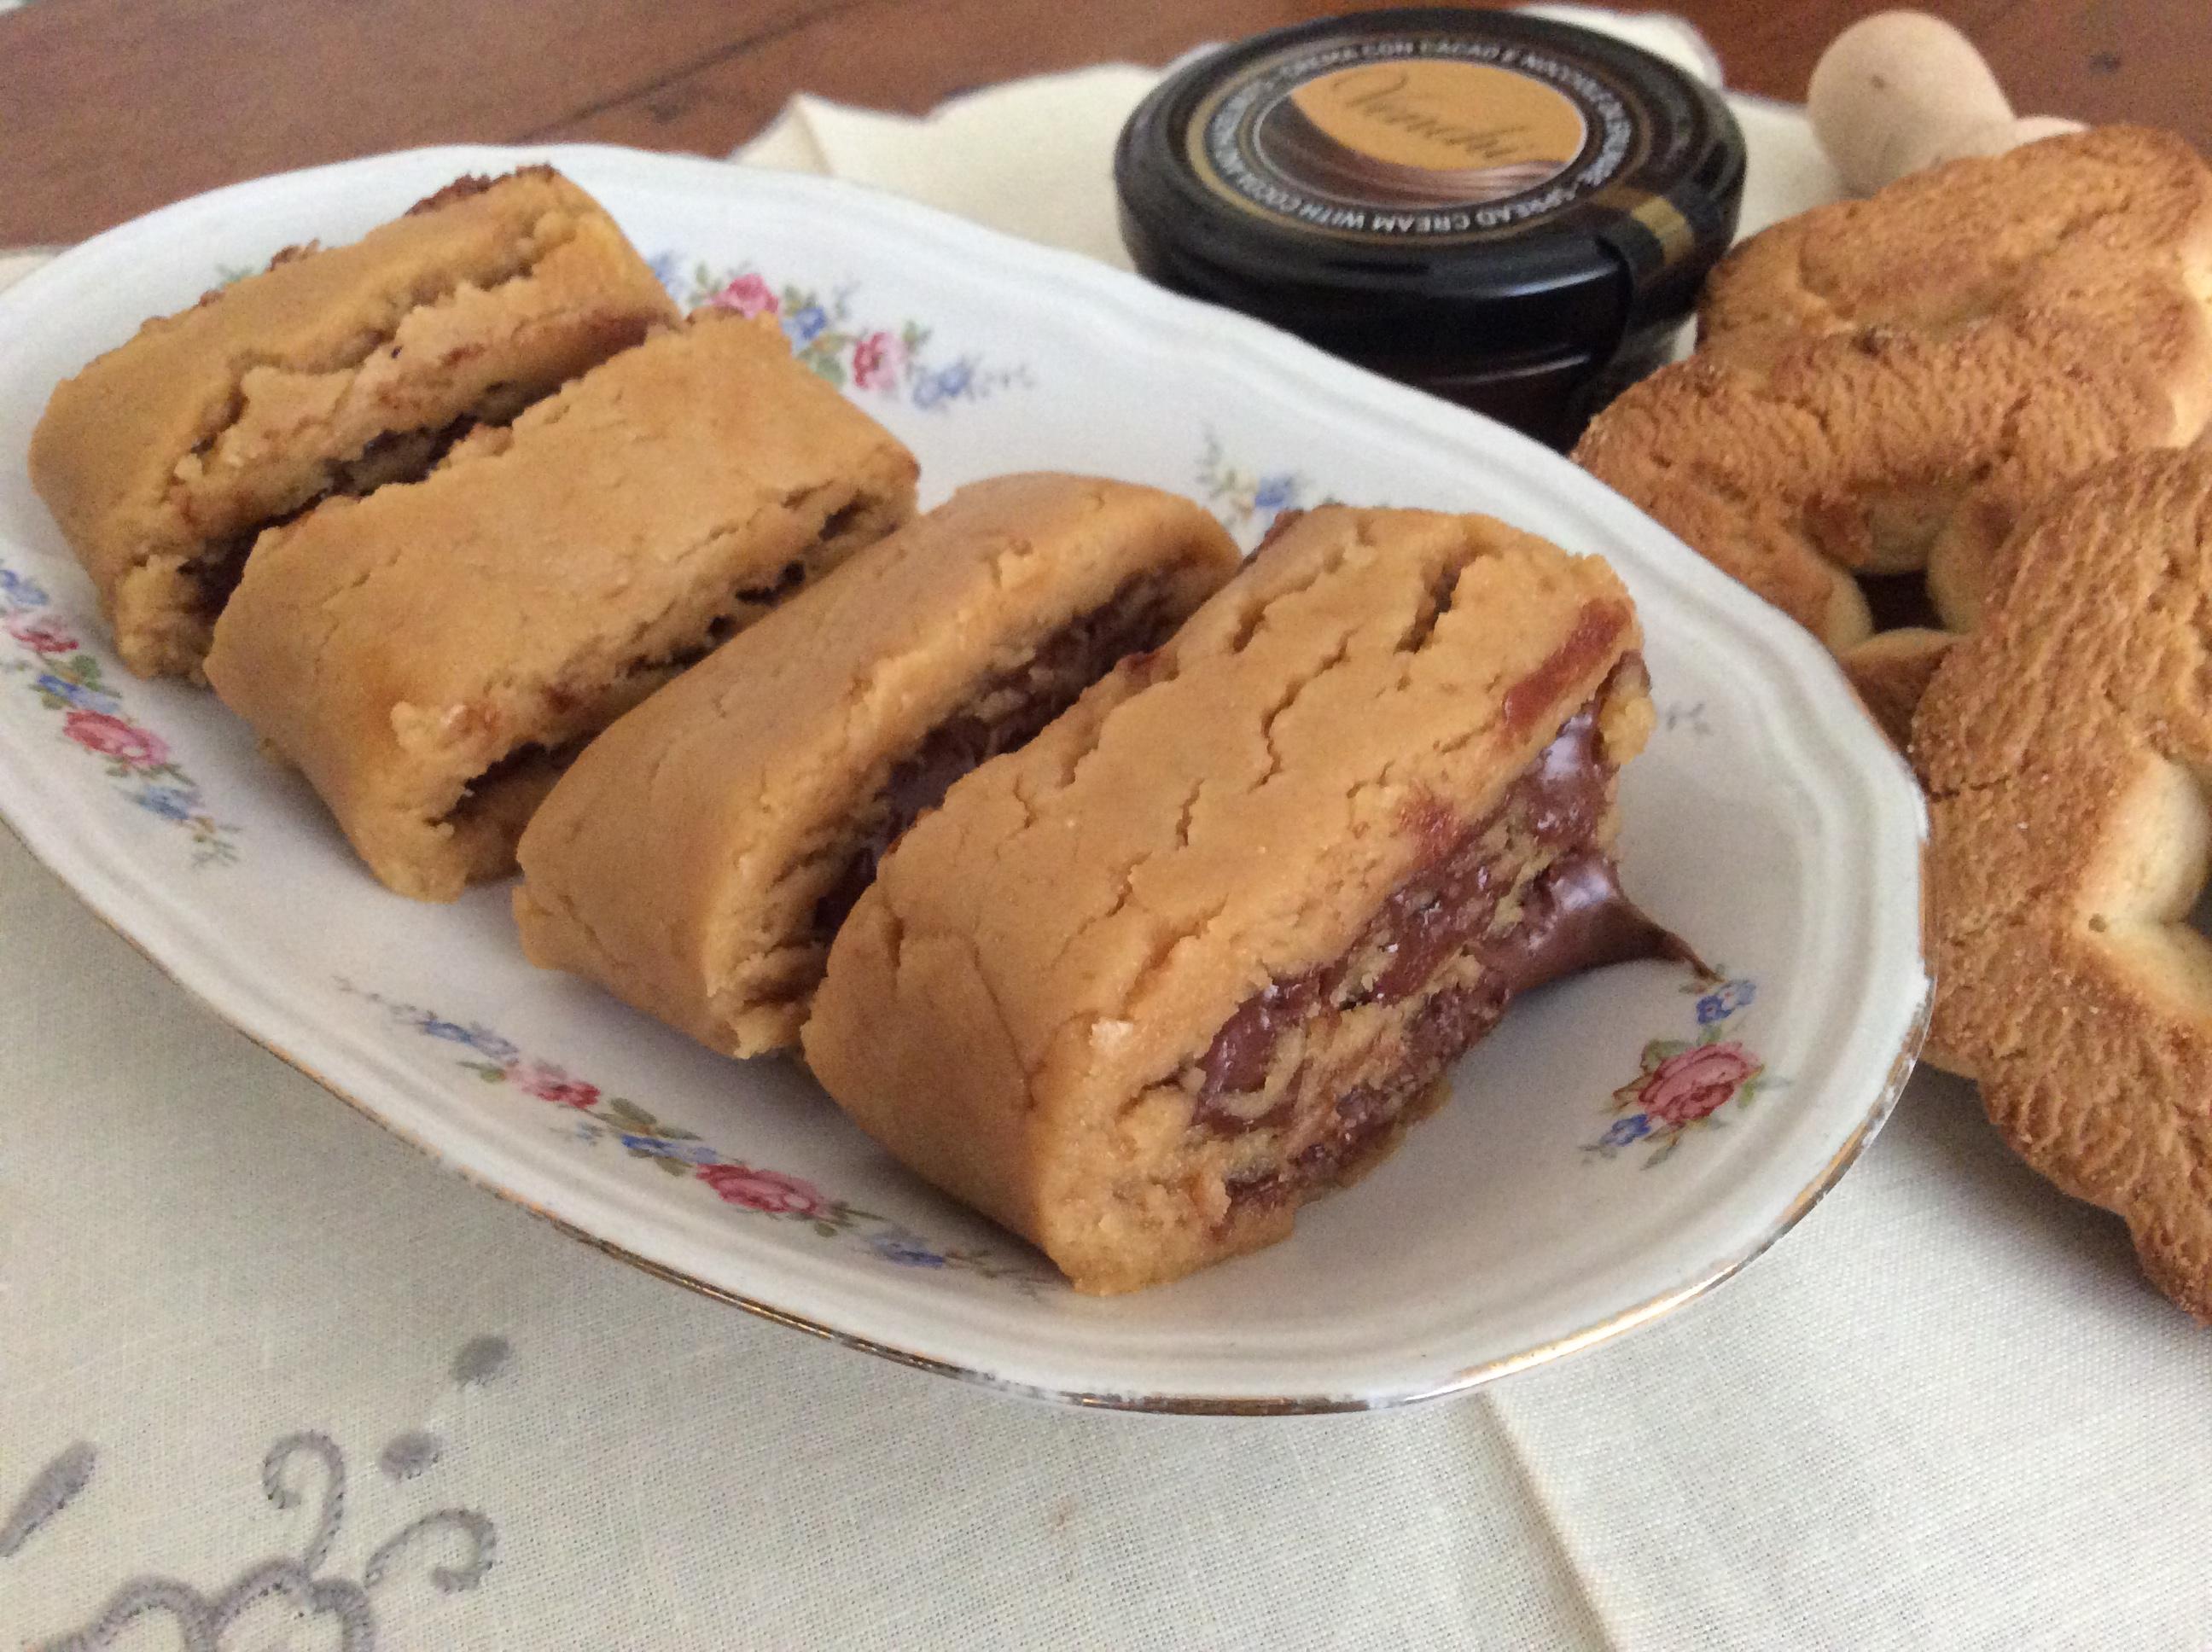 Rotolo freddo di biscotti e Nutella